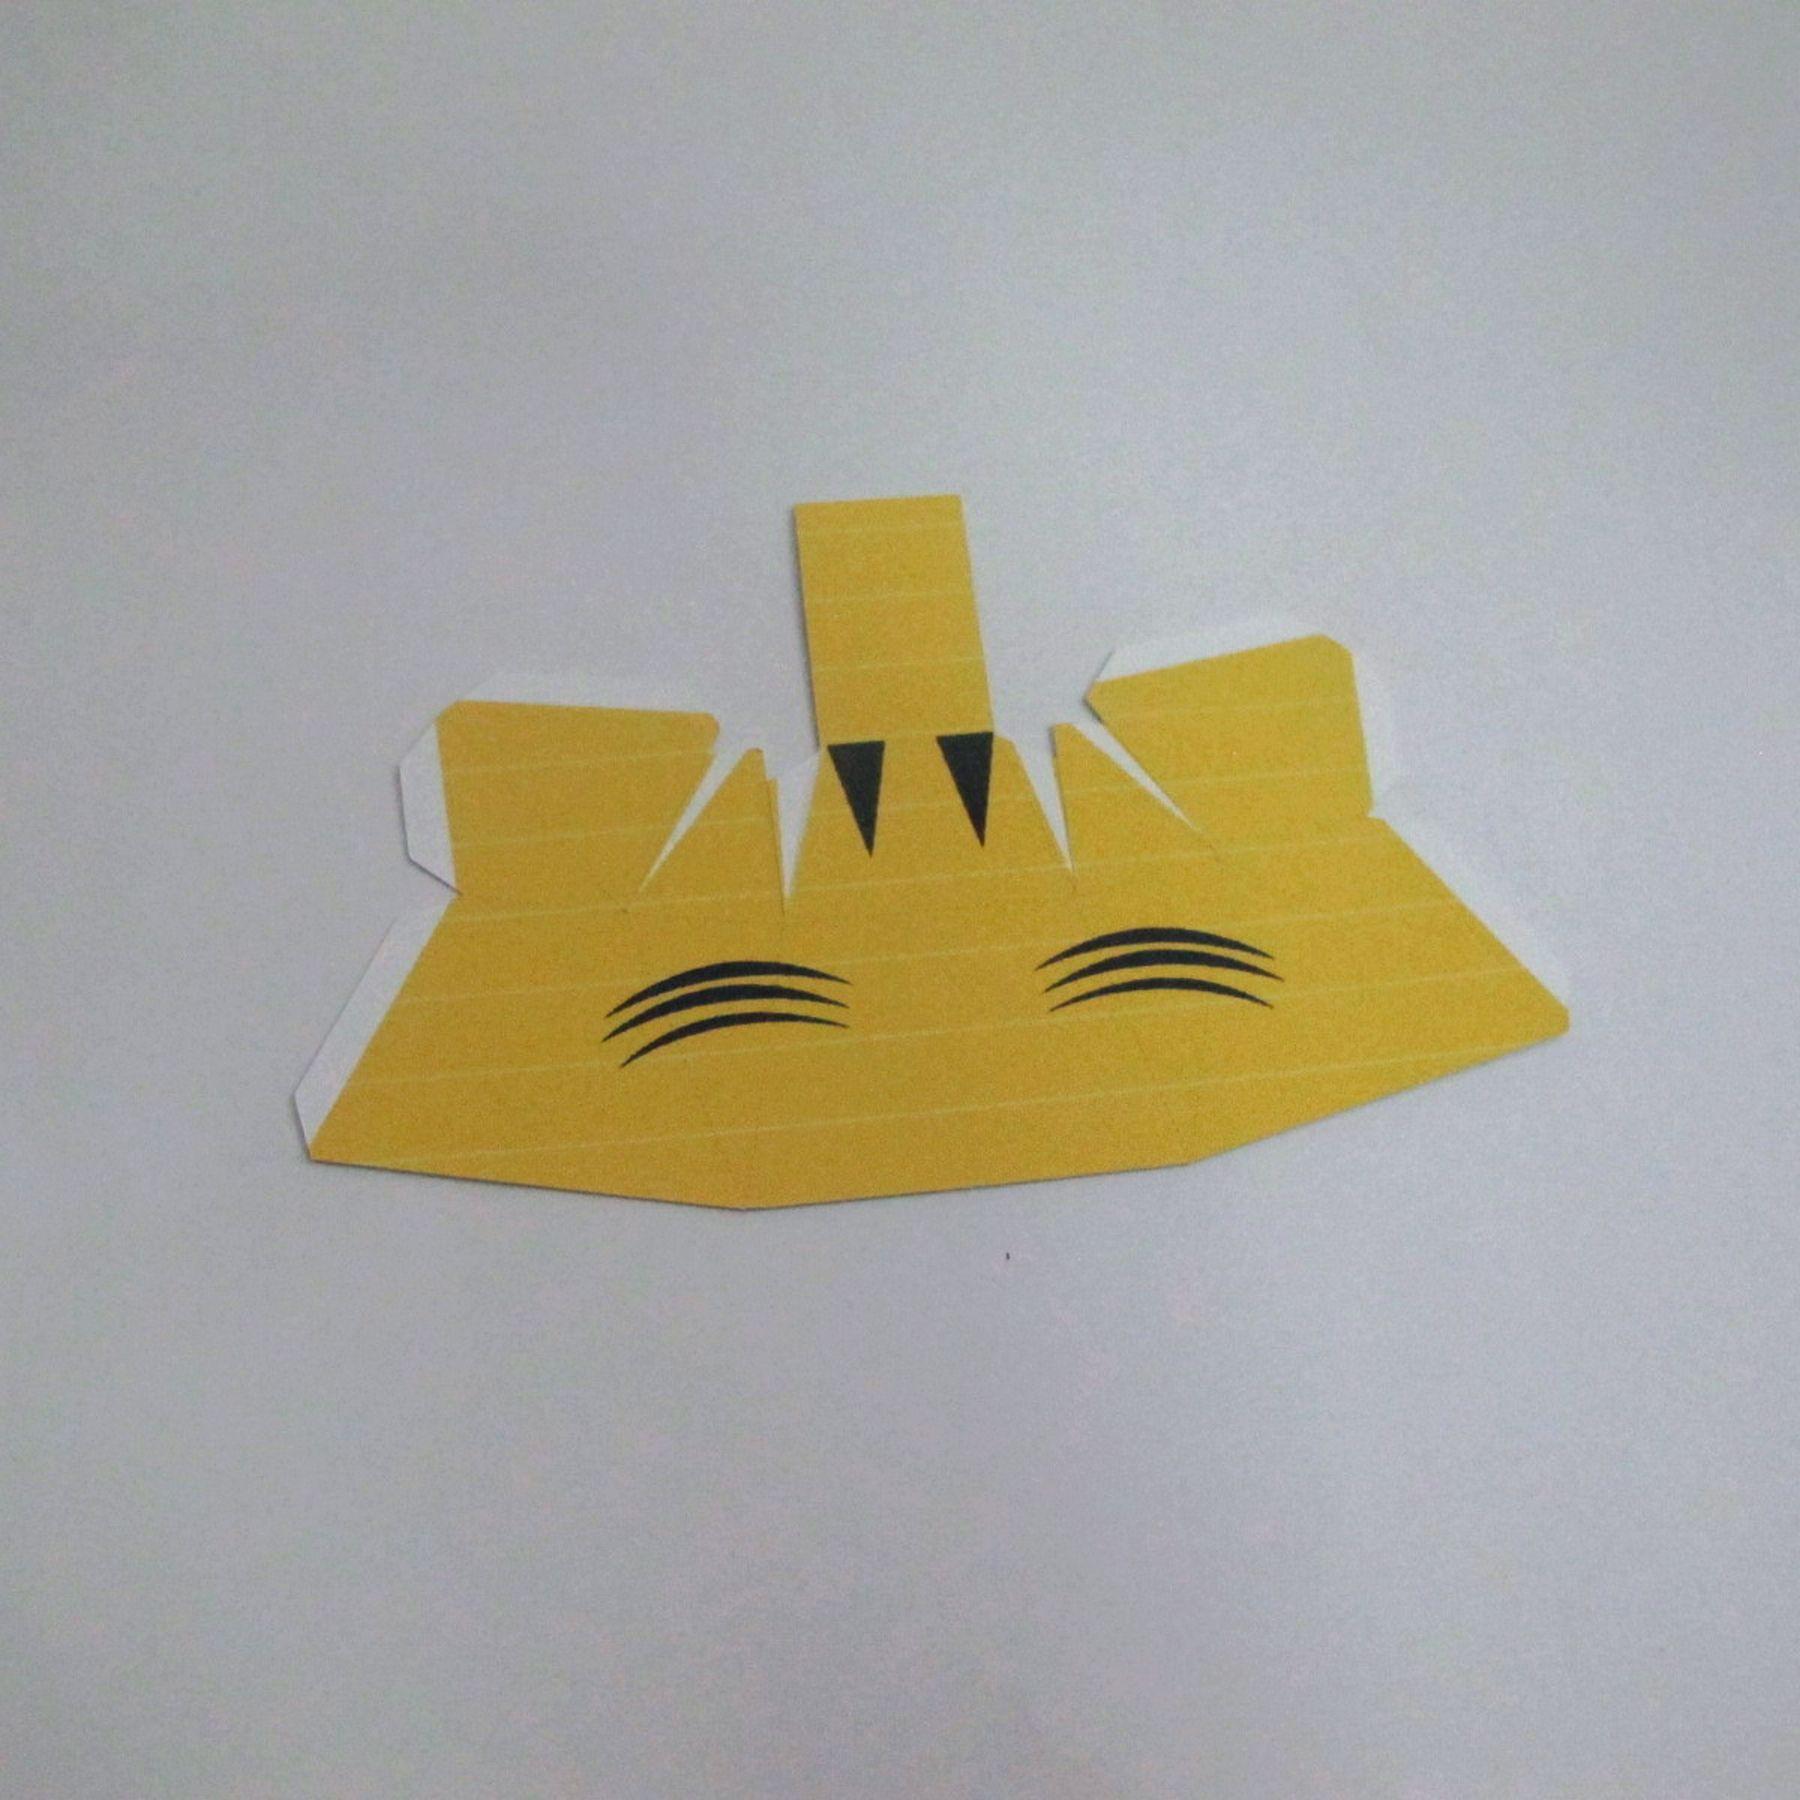 วิธีทำของเล่นโมเดลกระดาษ วูฟเวอรีน (Chibi Wolverine Papercraft Model) 023